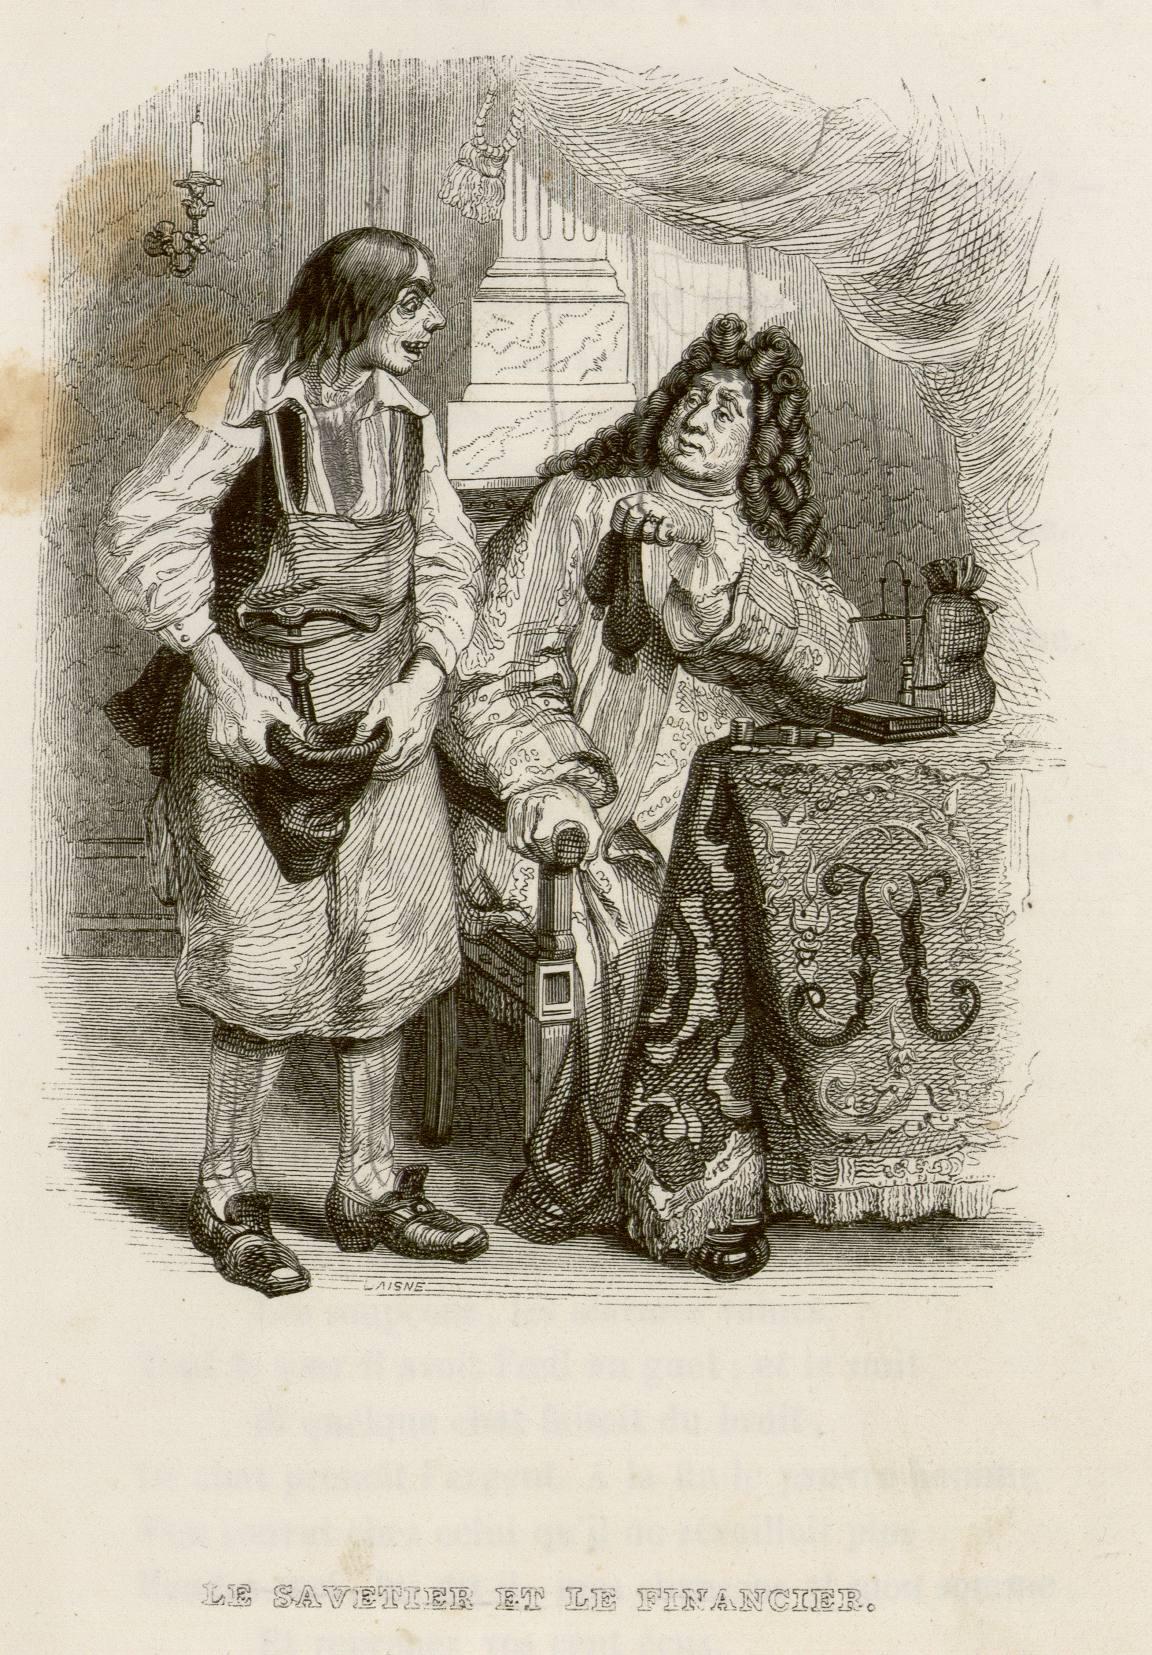 Le savetier et le financier - La Fontaine re-formé